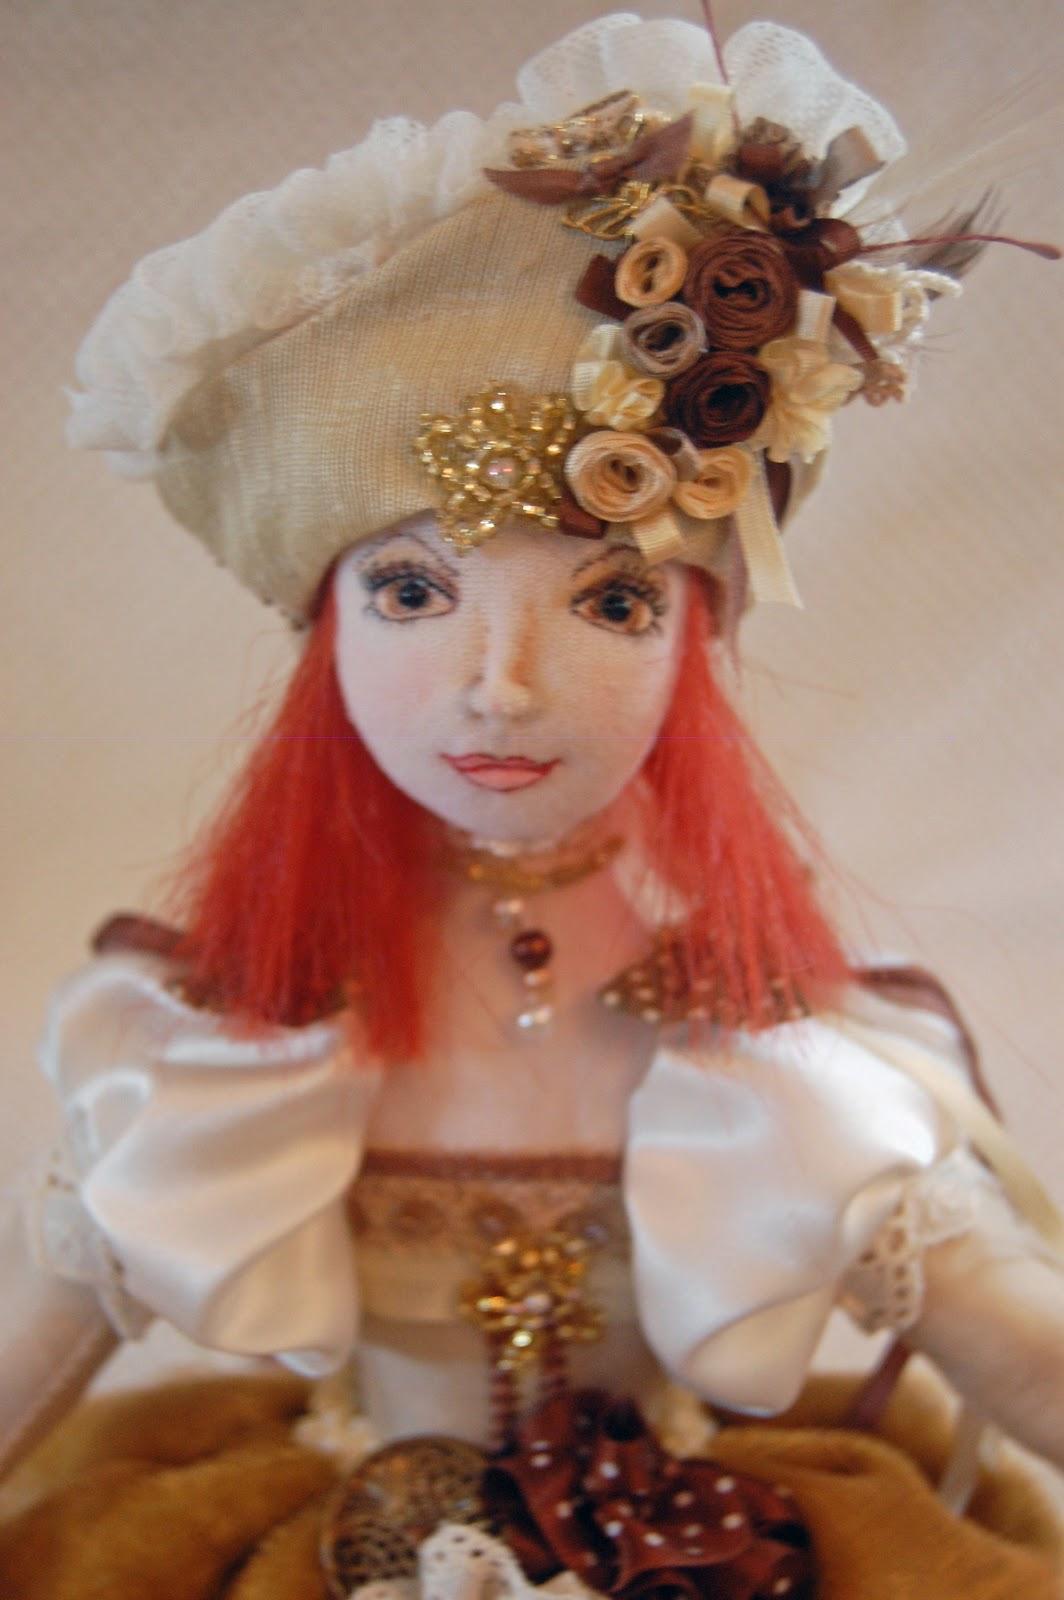 Barbara Lynn Payne Poffo My second doll was from cloth doll artistry ...